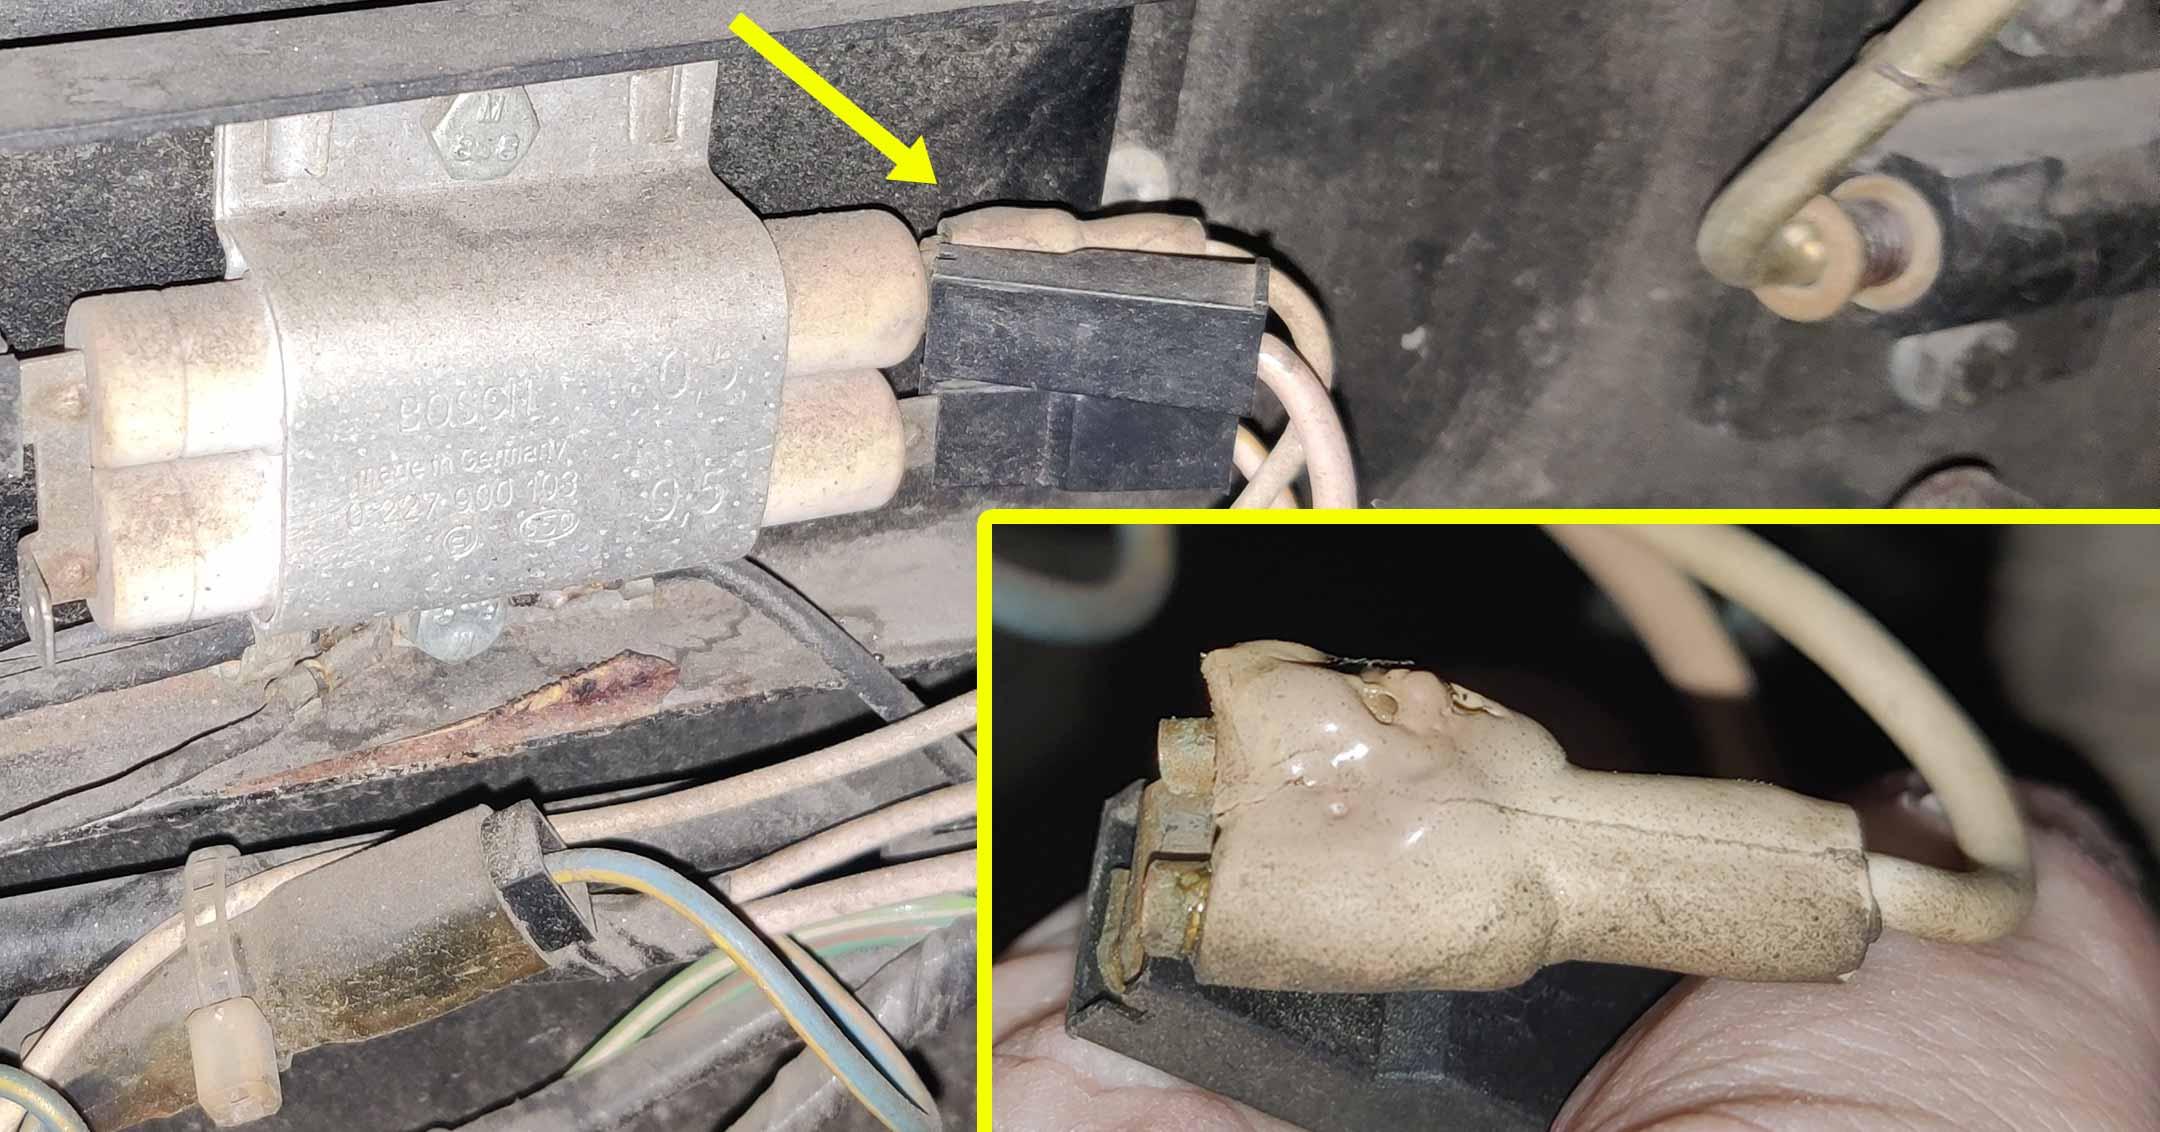 Won't run, check the ballast connections | DeLoreanDirectory.com